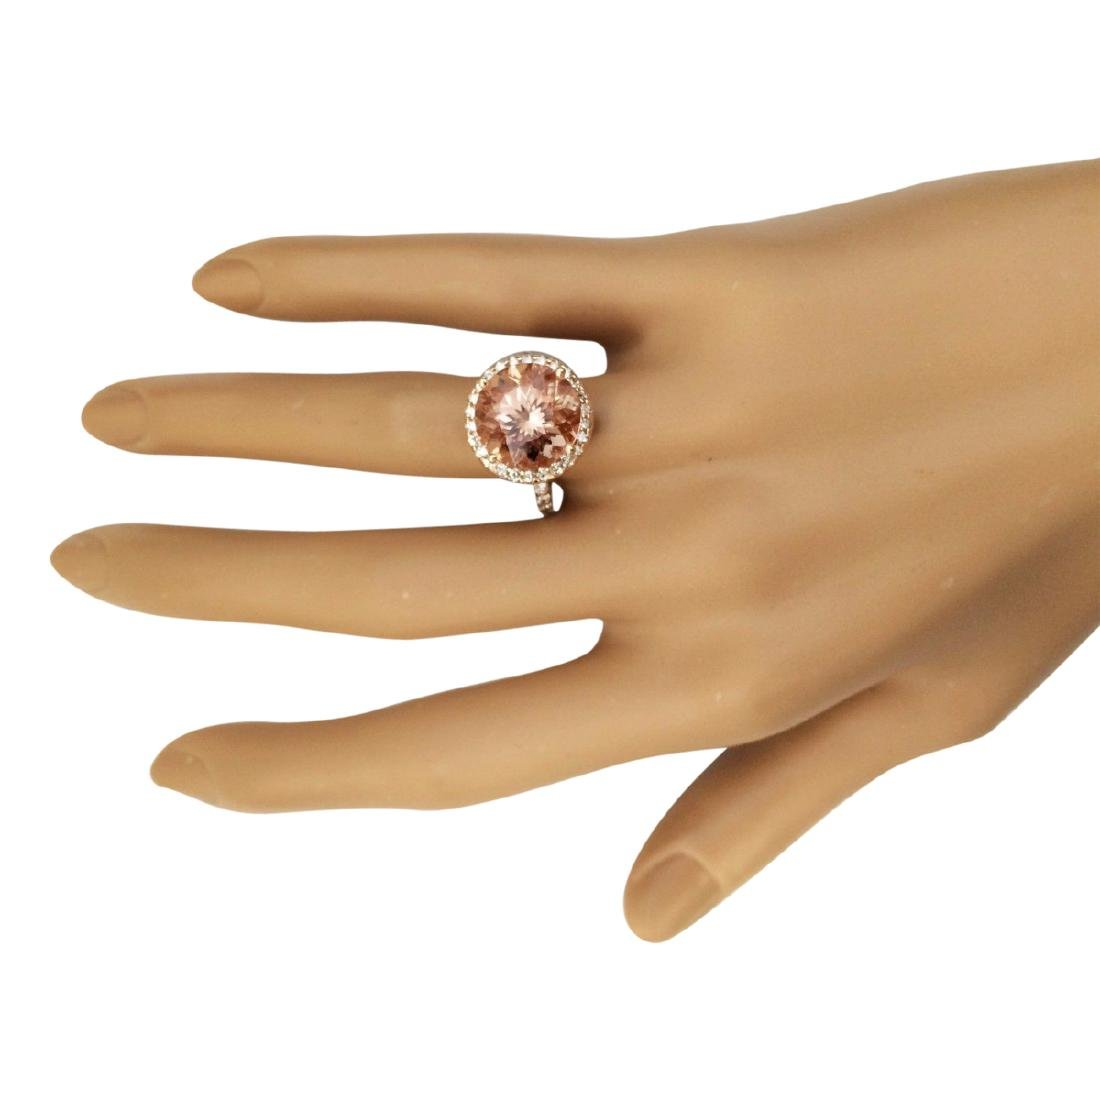 6.80 CTW Natural Morganite And Diamond Ring In 18K Rose - 4